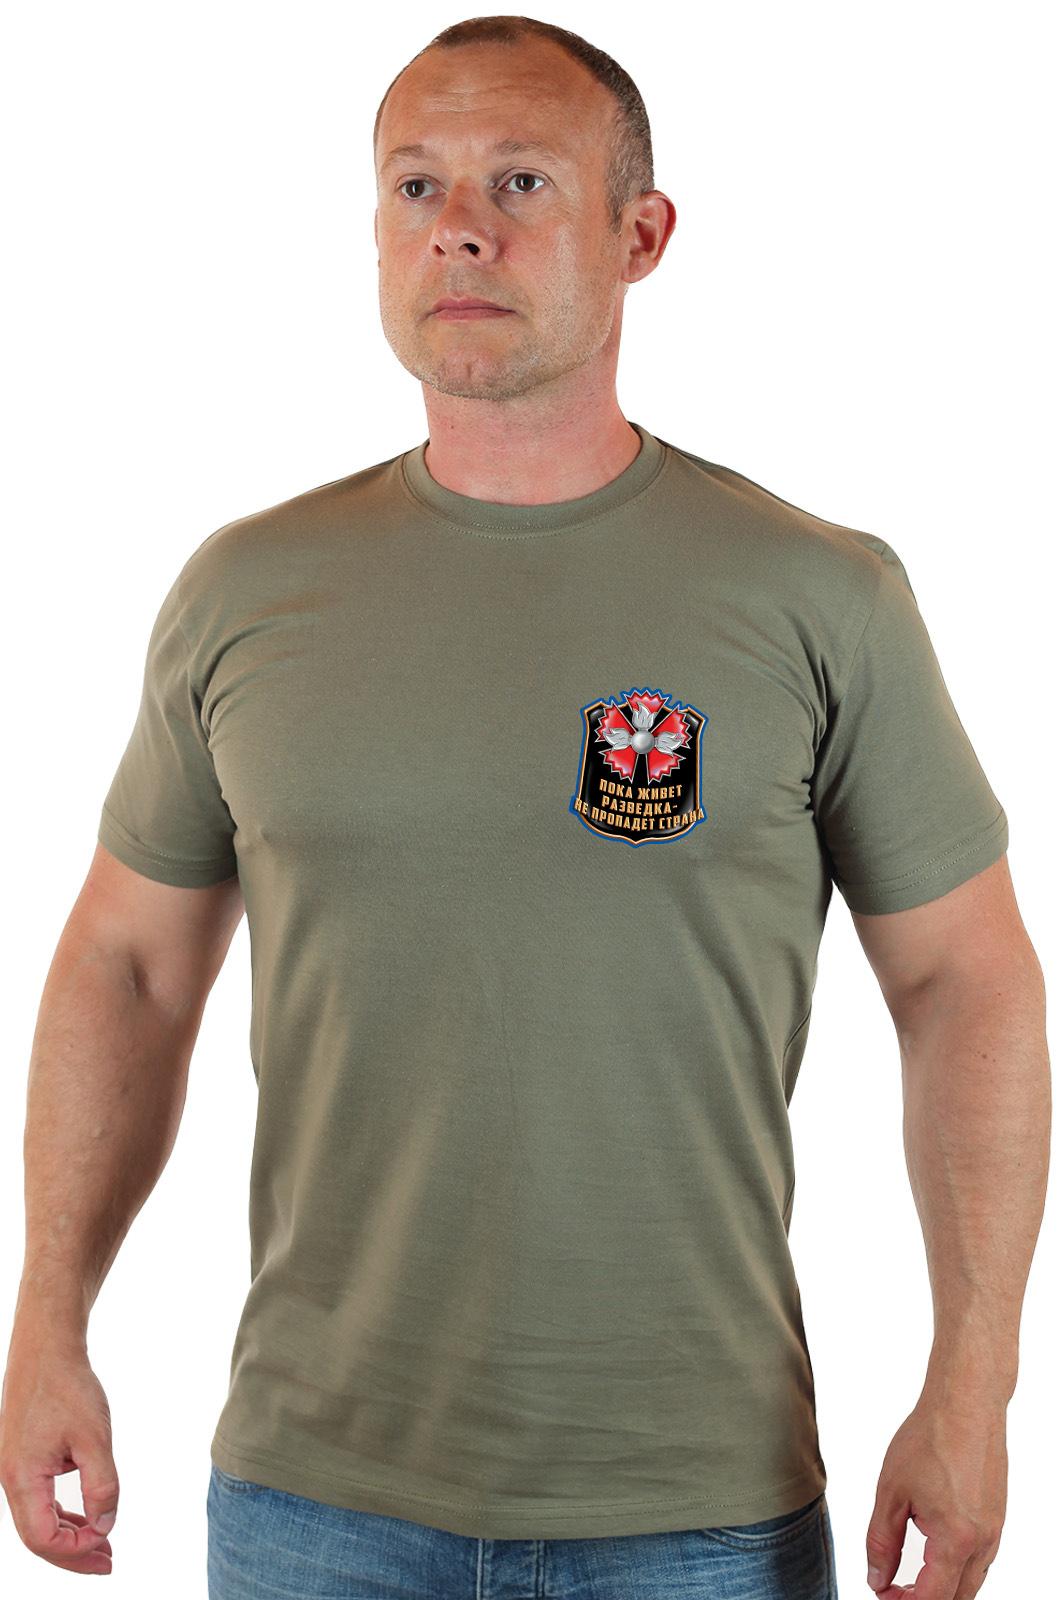 Купить футболку актуальную Военная разведка по оптимальной цене